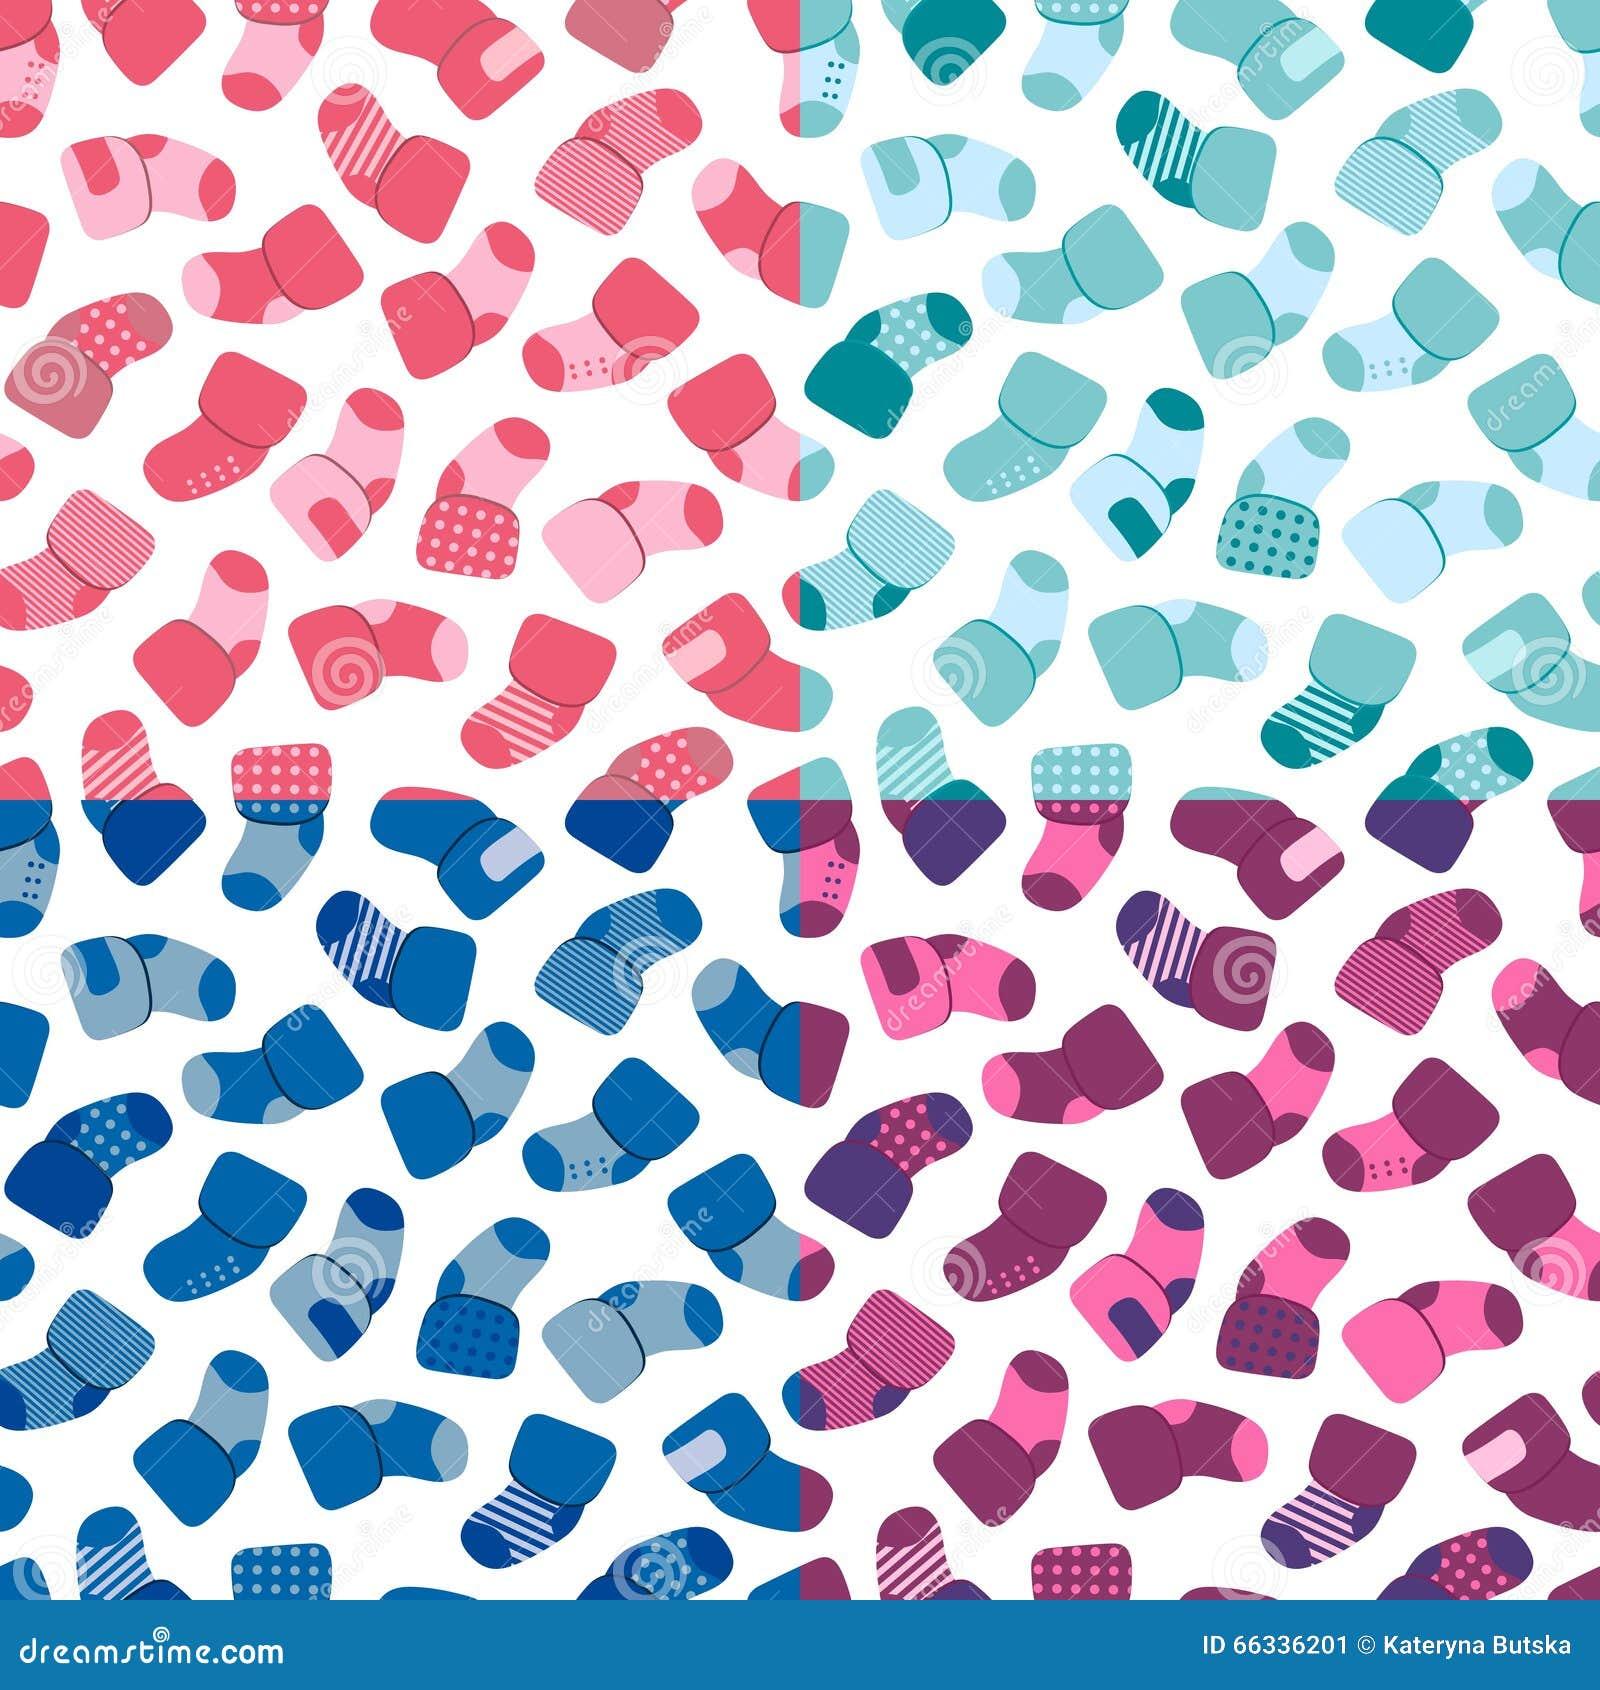 nahtloses muster des vektors eingestellt fr webdesign drucke usw das wiederholen des hintergrundes mit - Muster Fur Socken